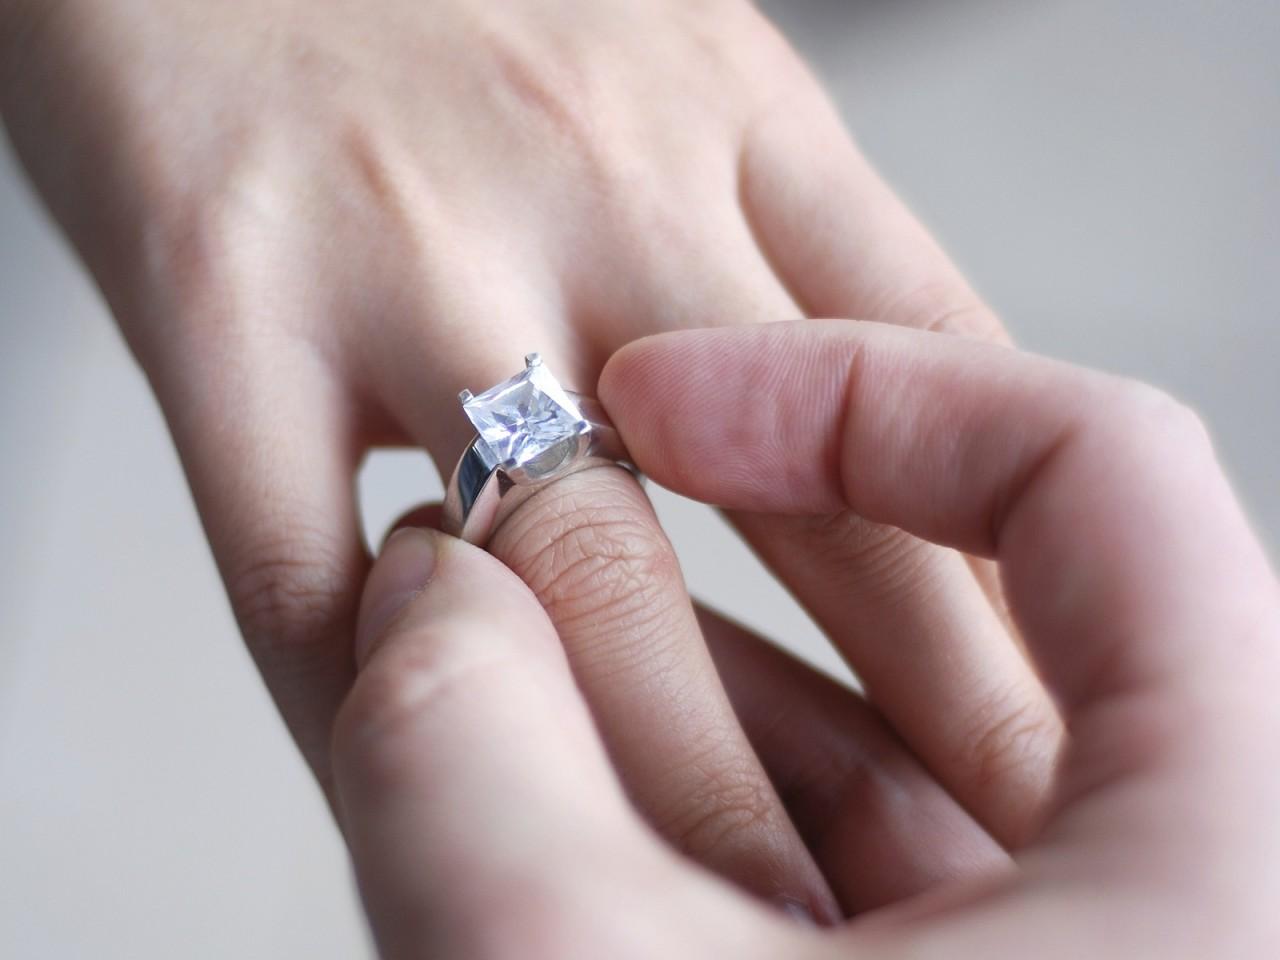 Магия колец: как носить кольцо с пользой новые фото